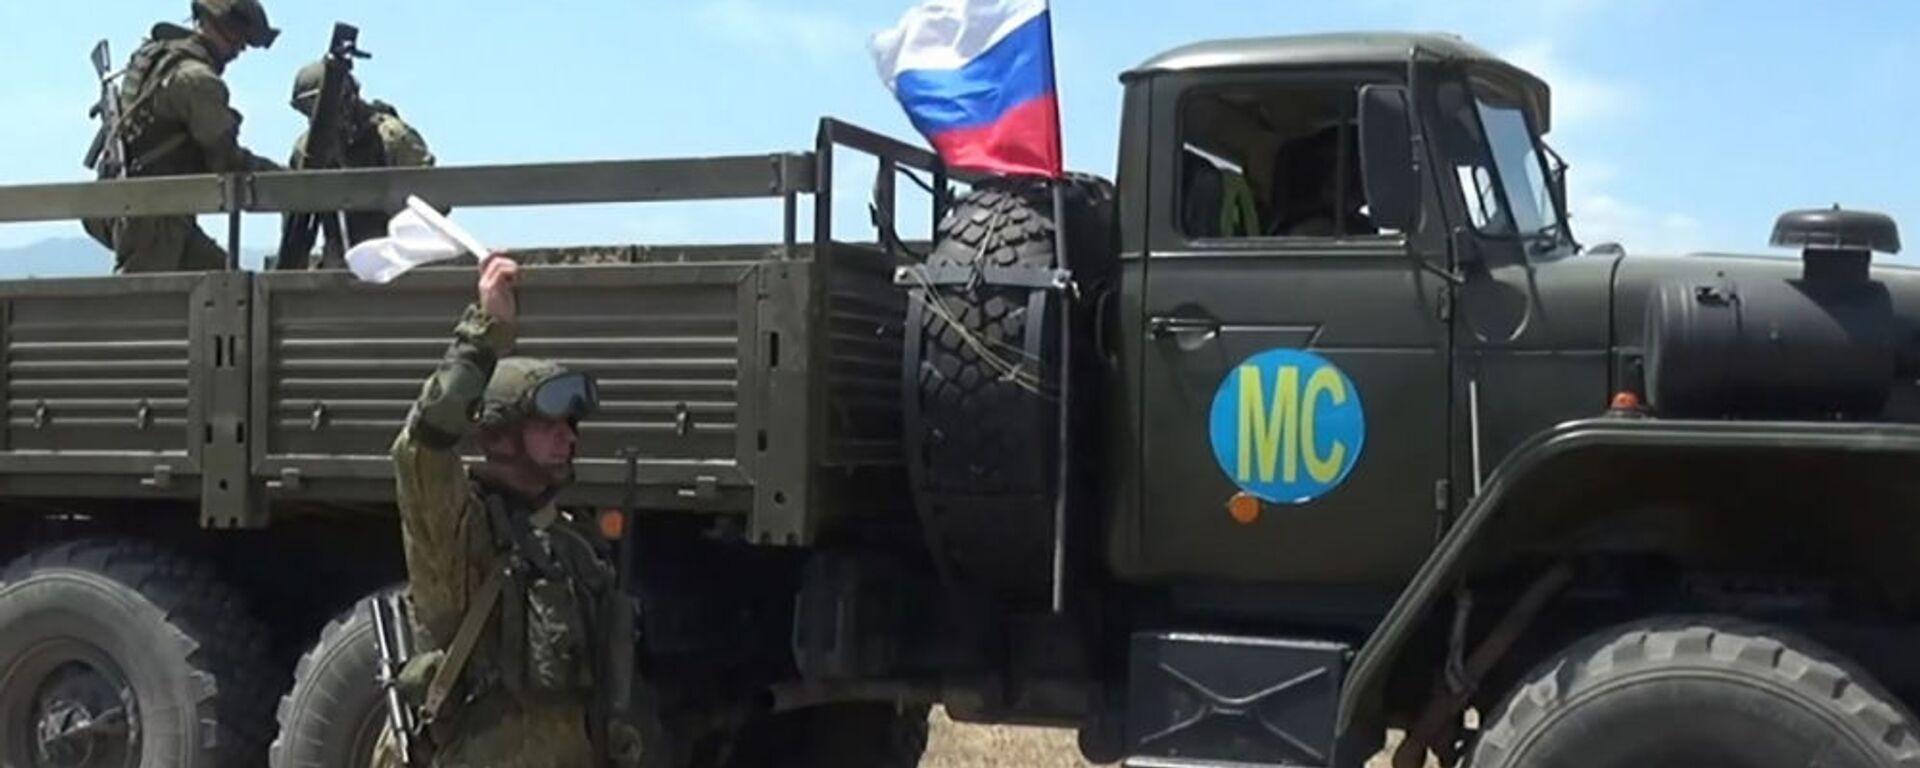 Российские миротворцы впервые отработали тактику действий «кочующего» миномета в горах Нагорного Карабаха - Sputnik Արմենիա, 1920, 30.08.2021